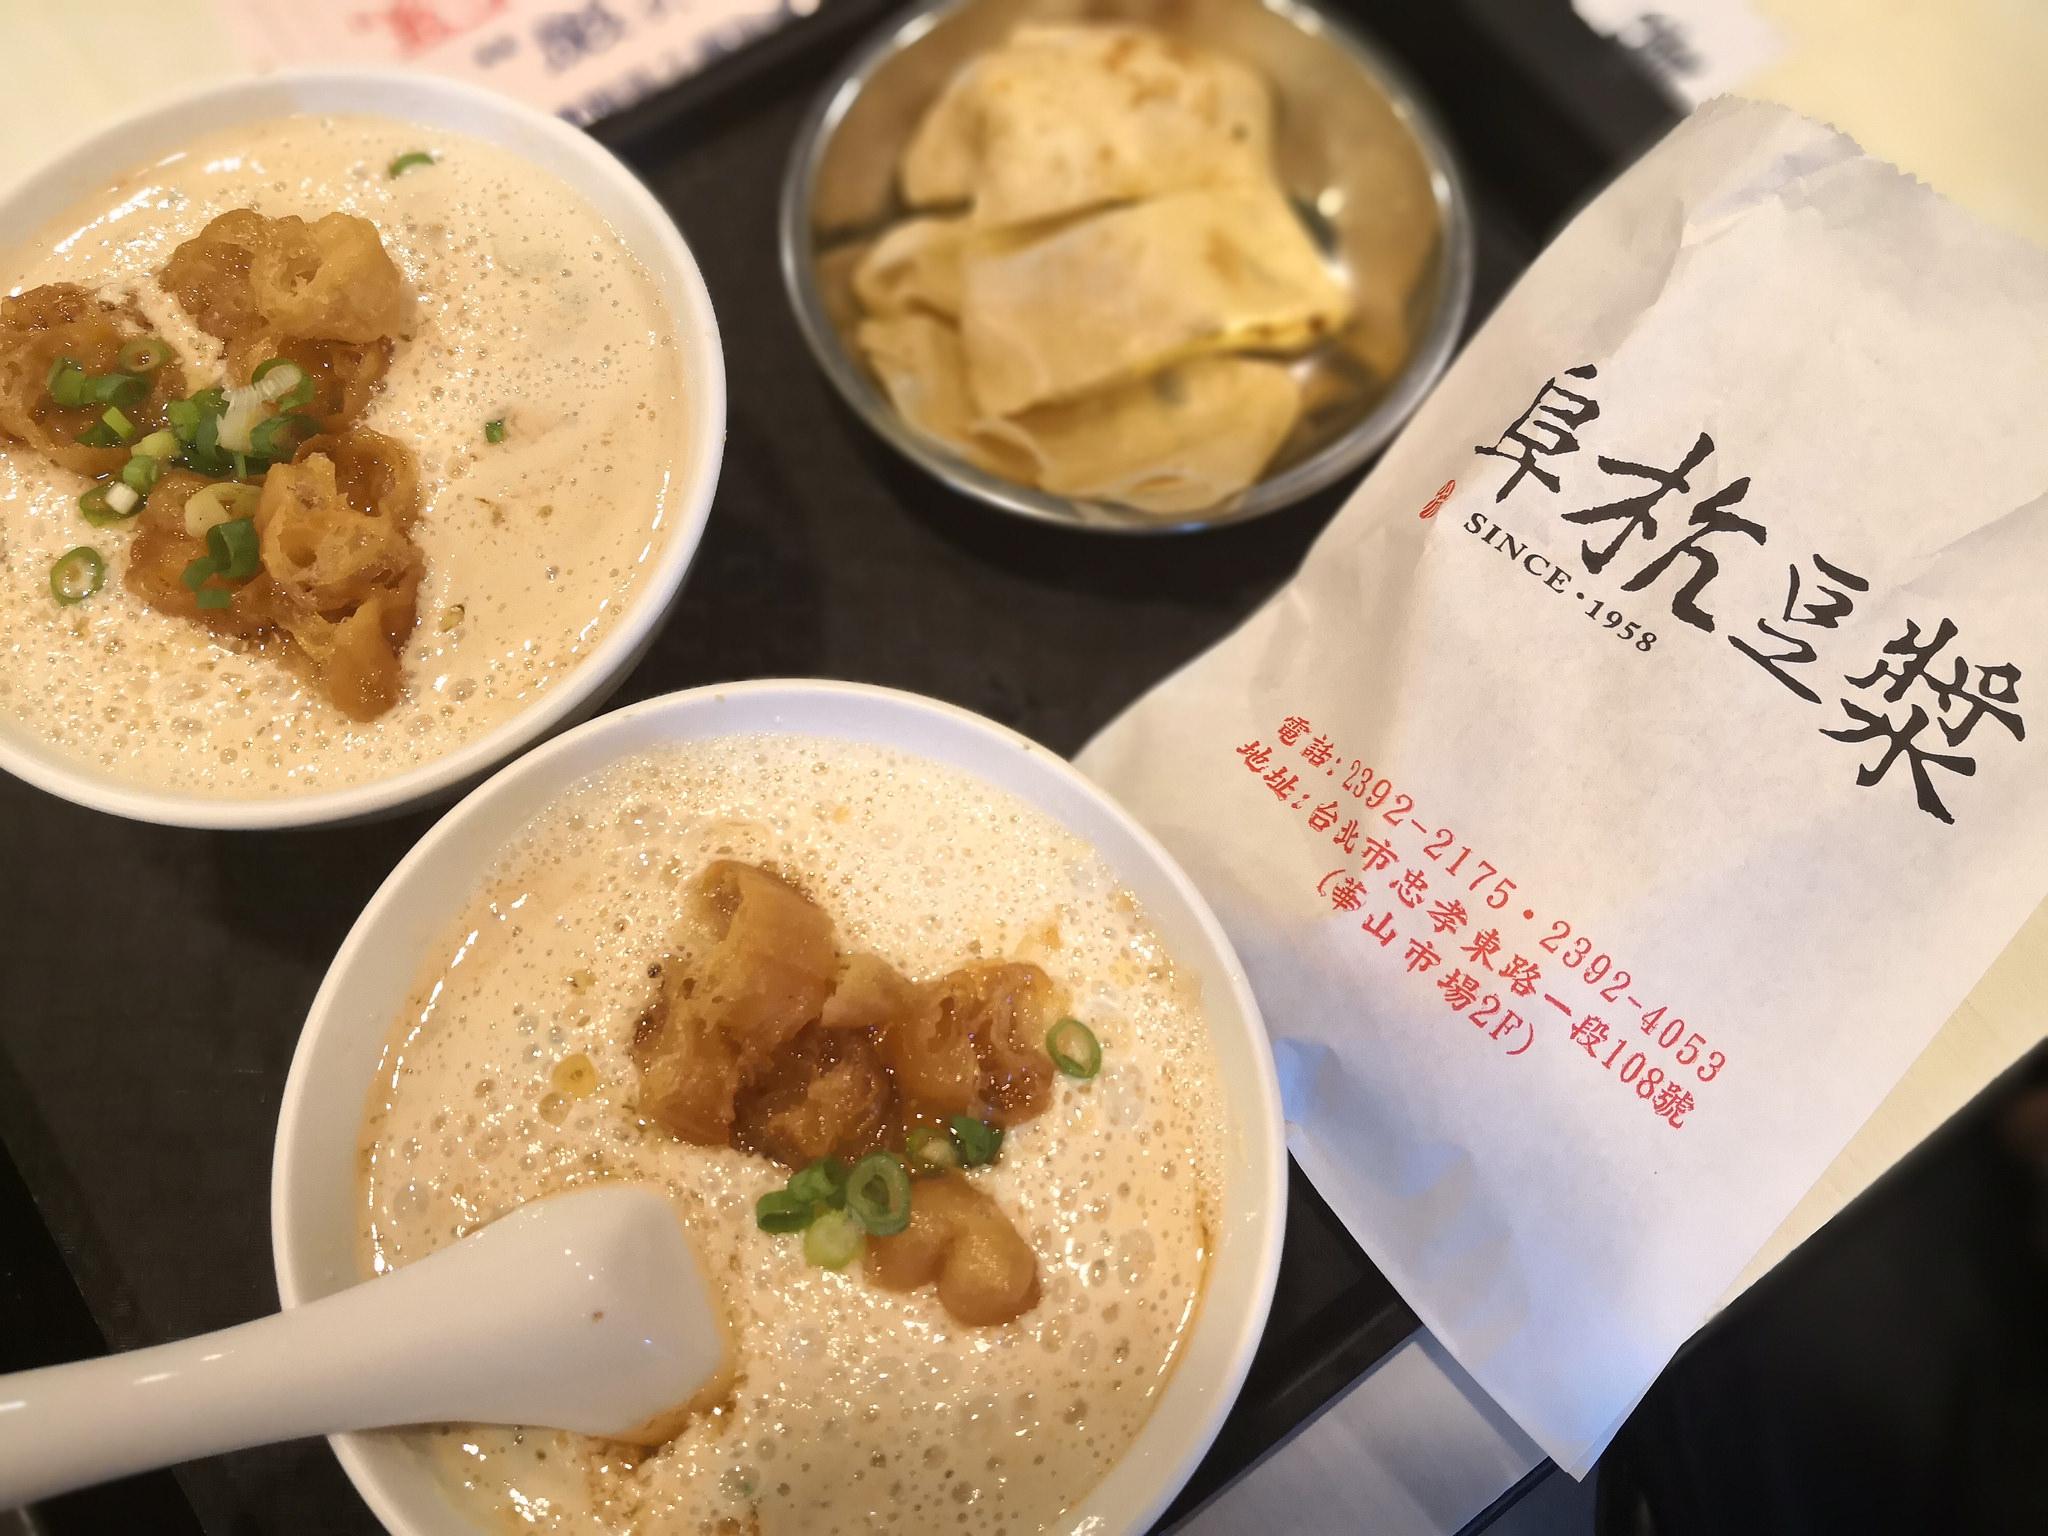 【台湾】阜杭豆漿(フーハンドウジャン)@できたて豆乳はかなり美味!朝一に行かないと長蛇の列。